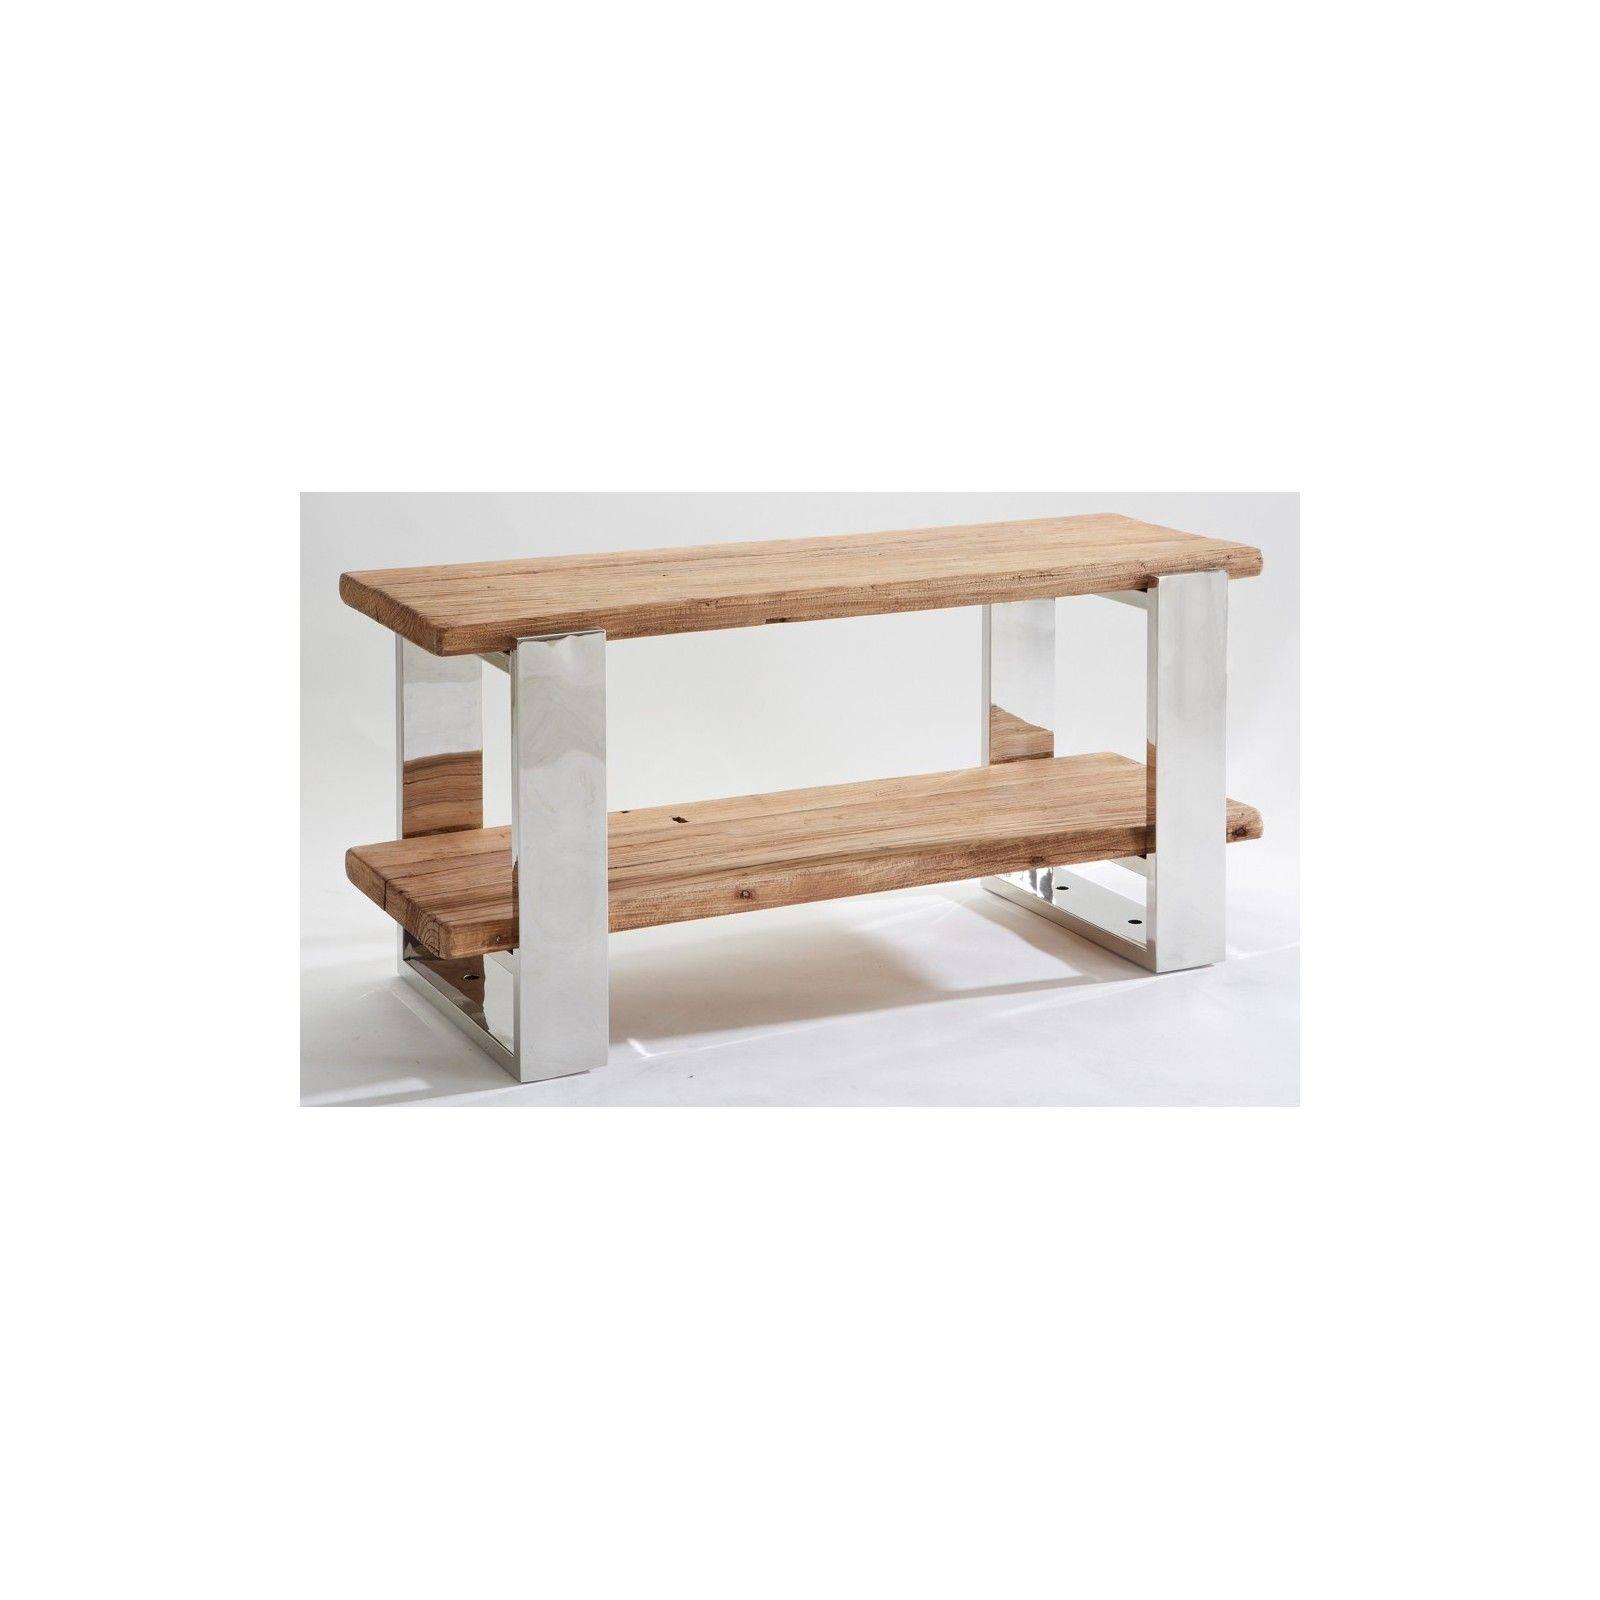 Meuble tv Stainless ethnique chic en bois et métal 120cm